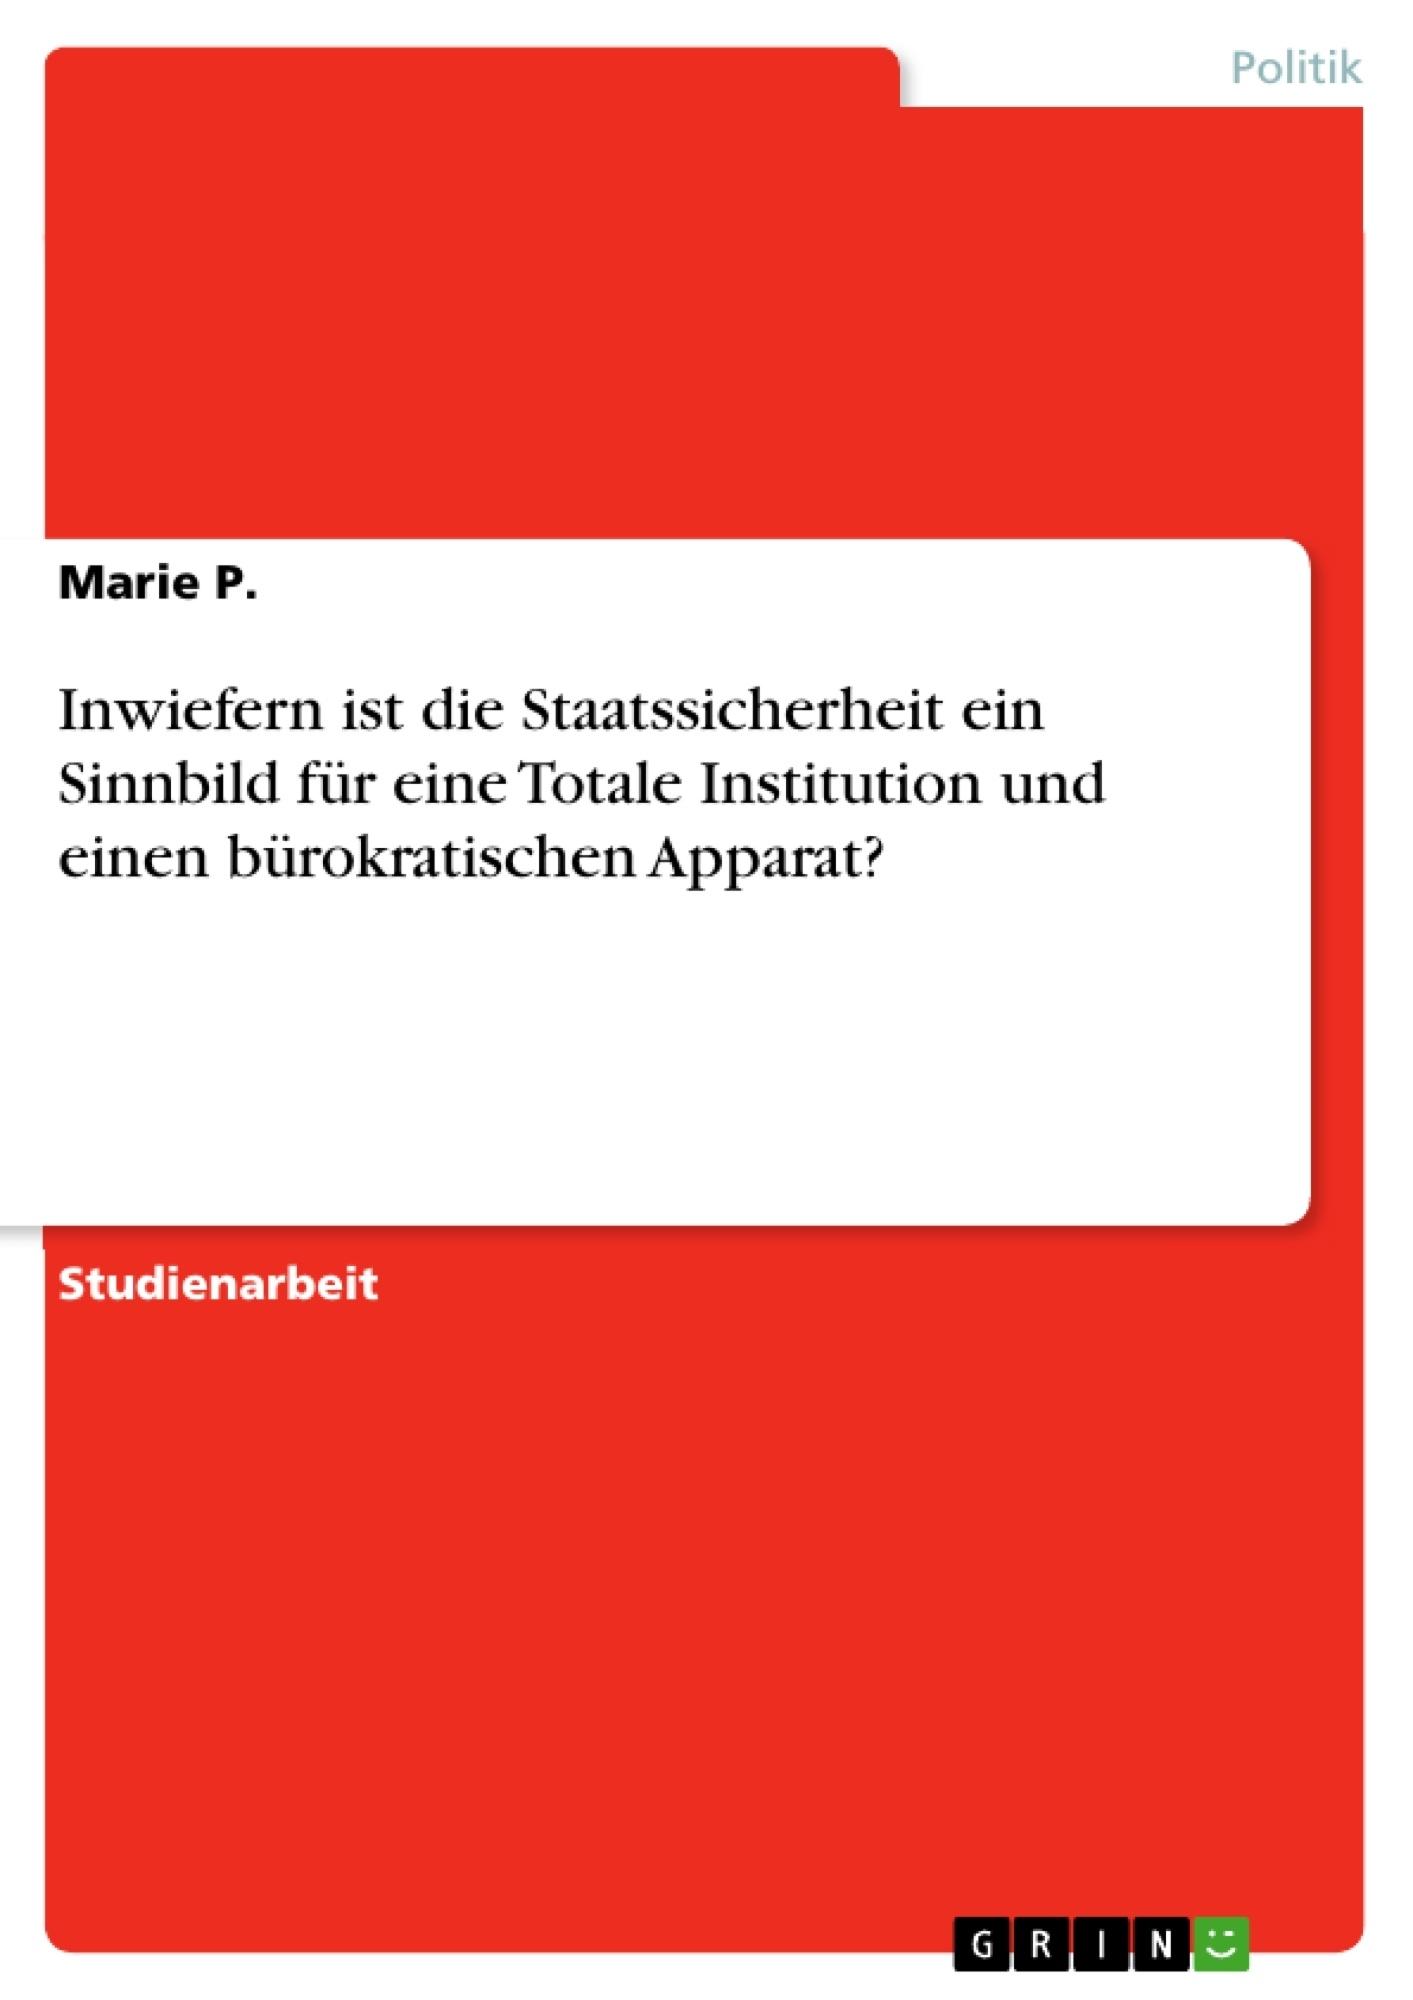 Titel: Inwiefern ist die Staatssicherheit ein Sinnbild für eine Totale Institution und einen bürokratischen Apparat?